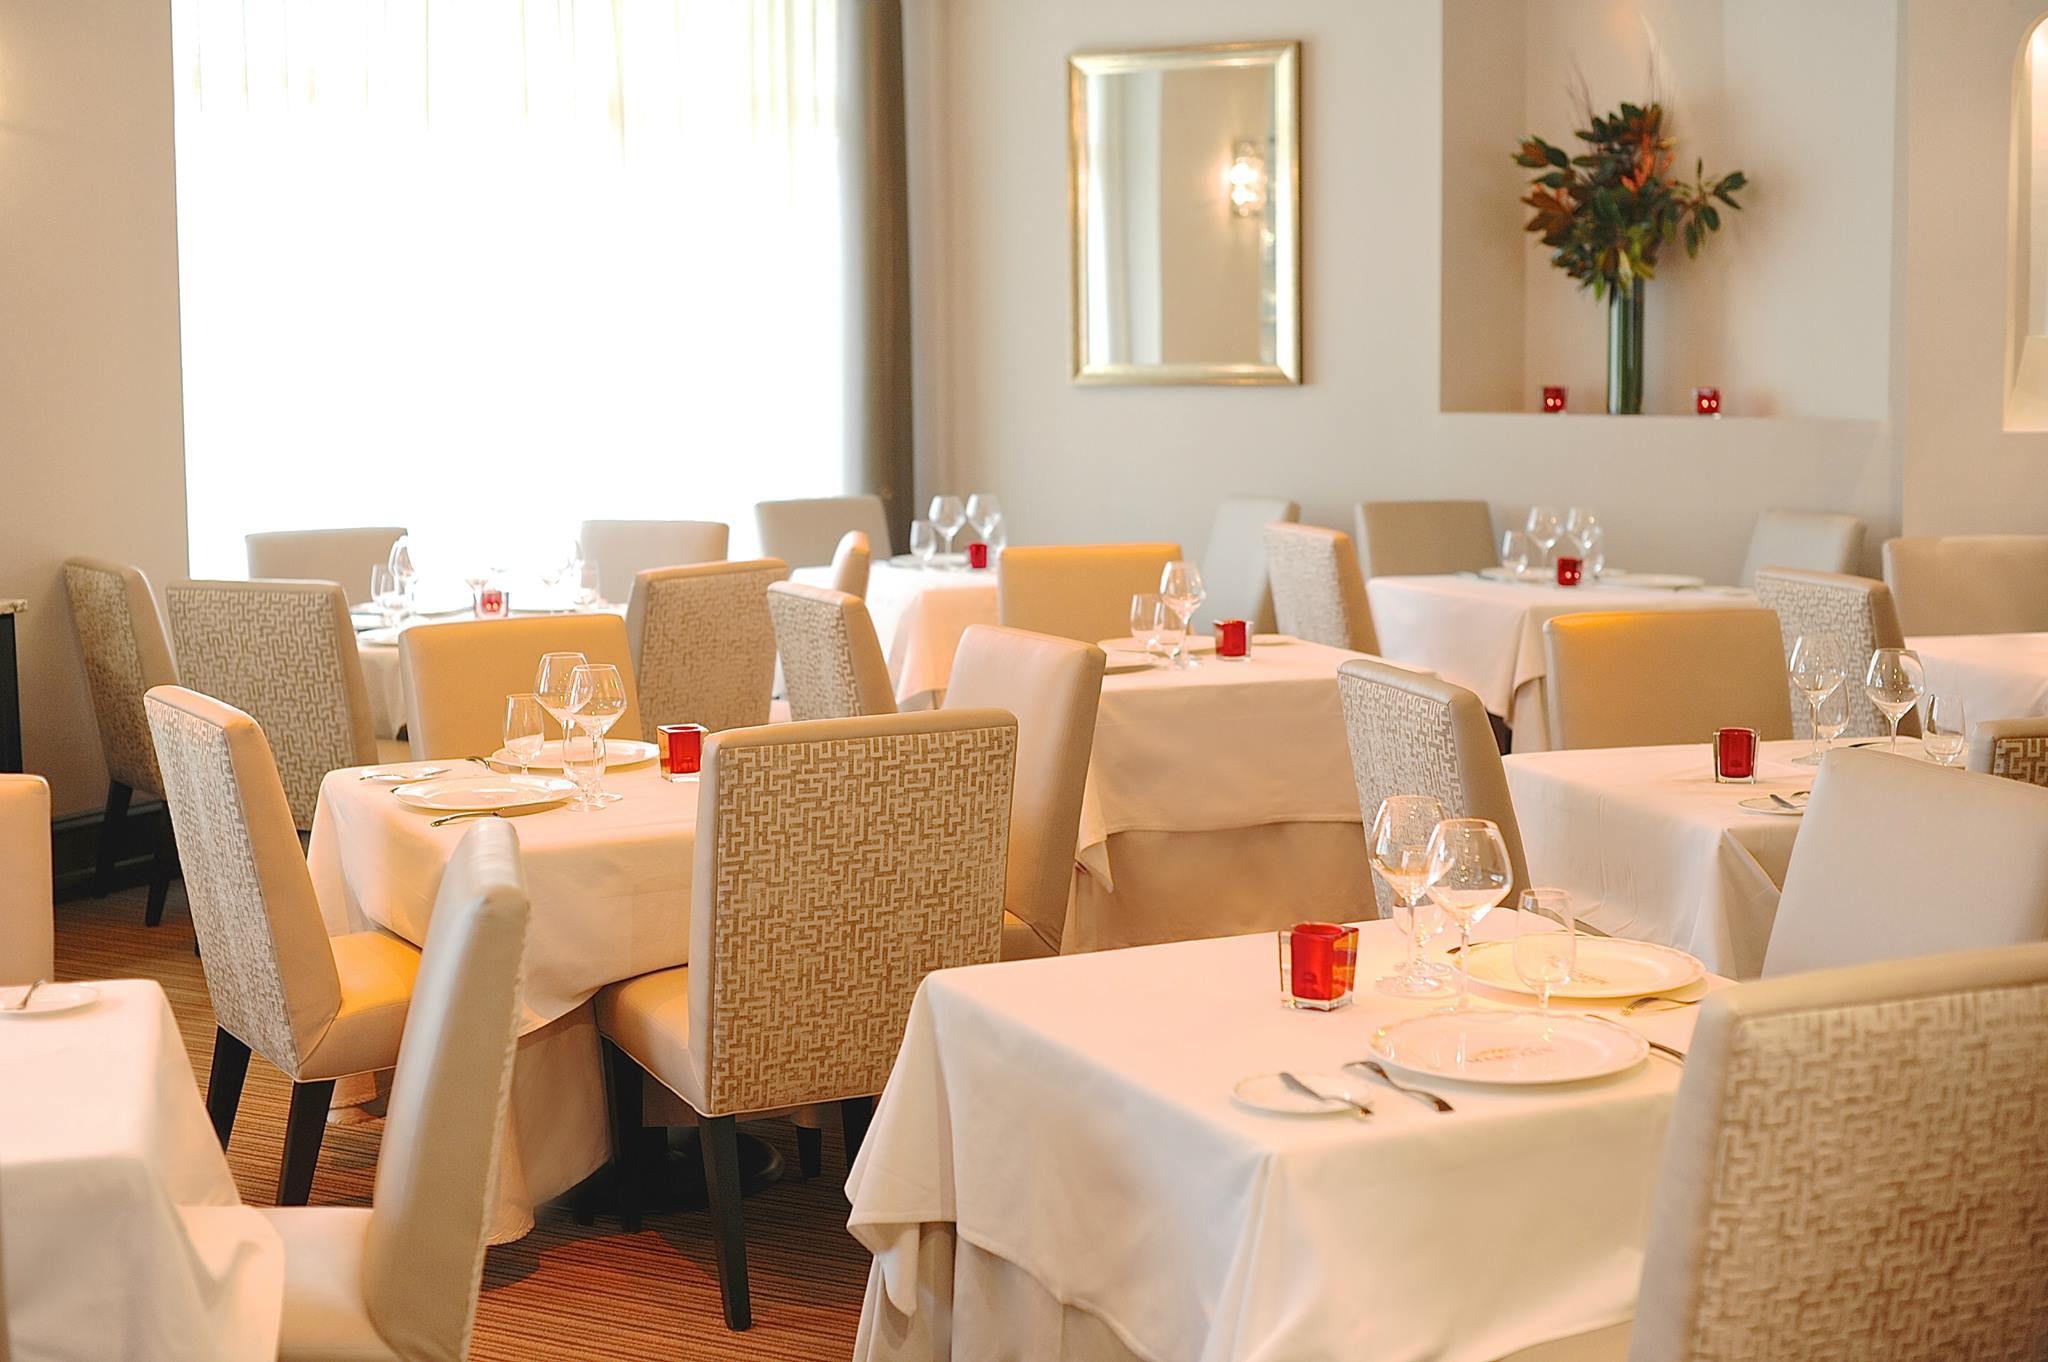 Modern restaurant table setting - Formal Table Settings In A Restaurant